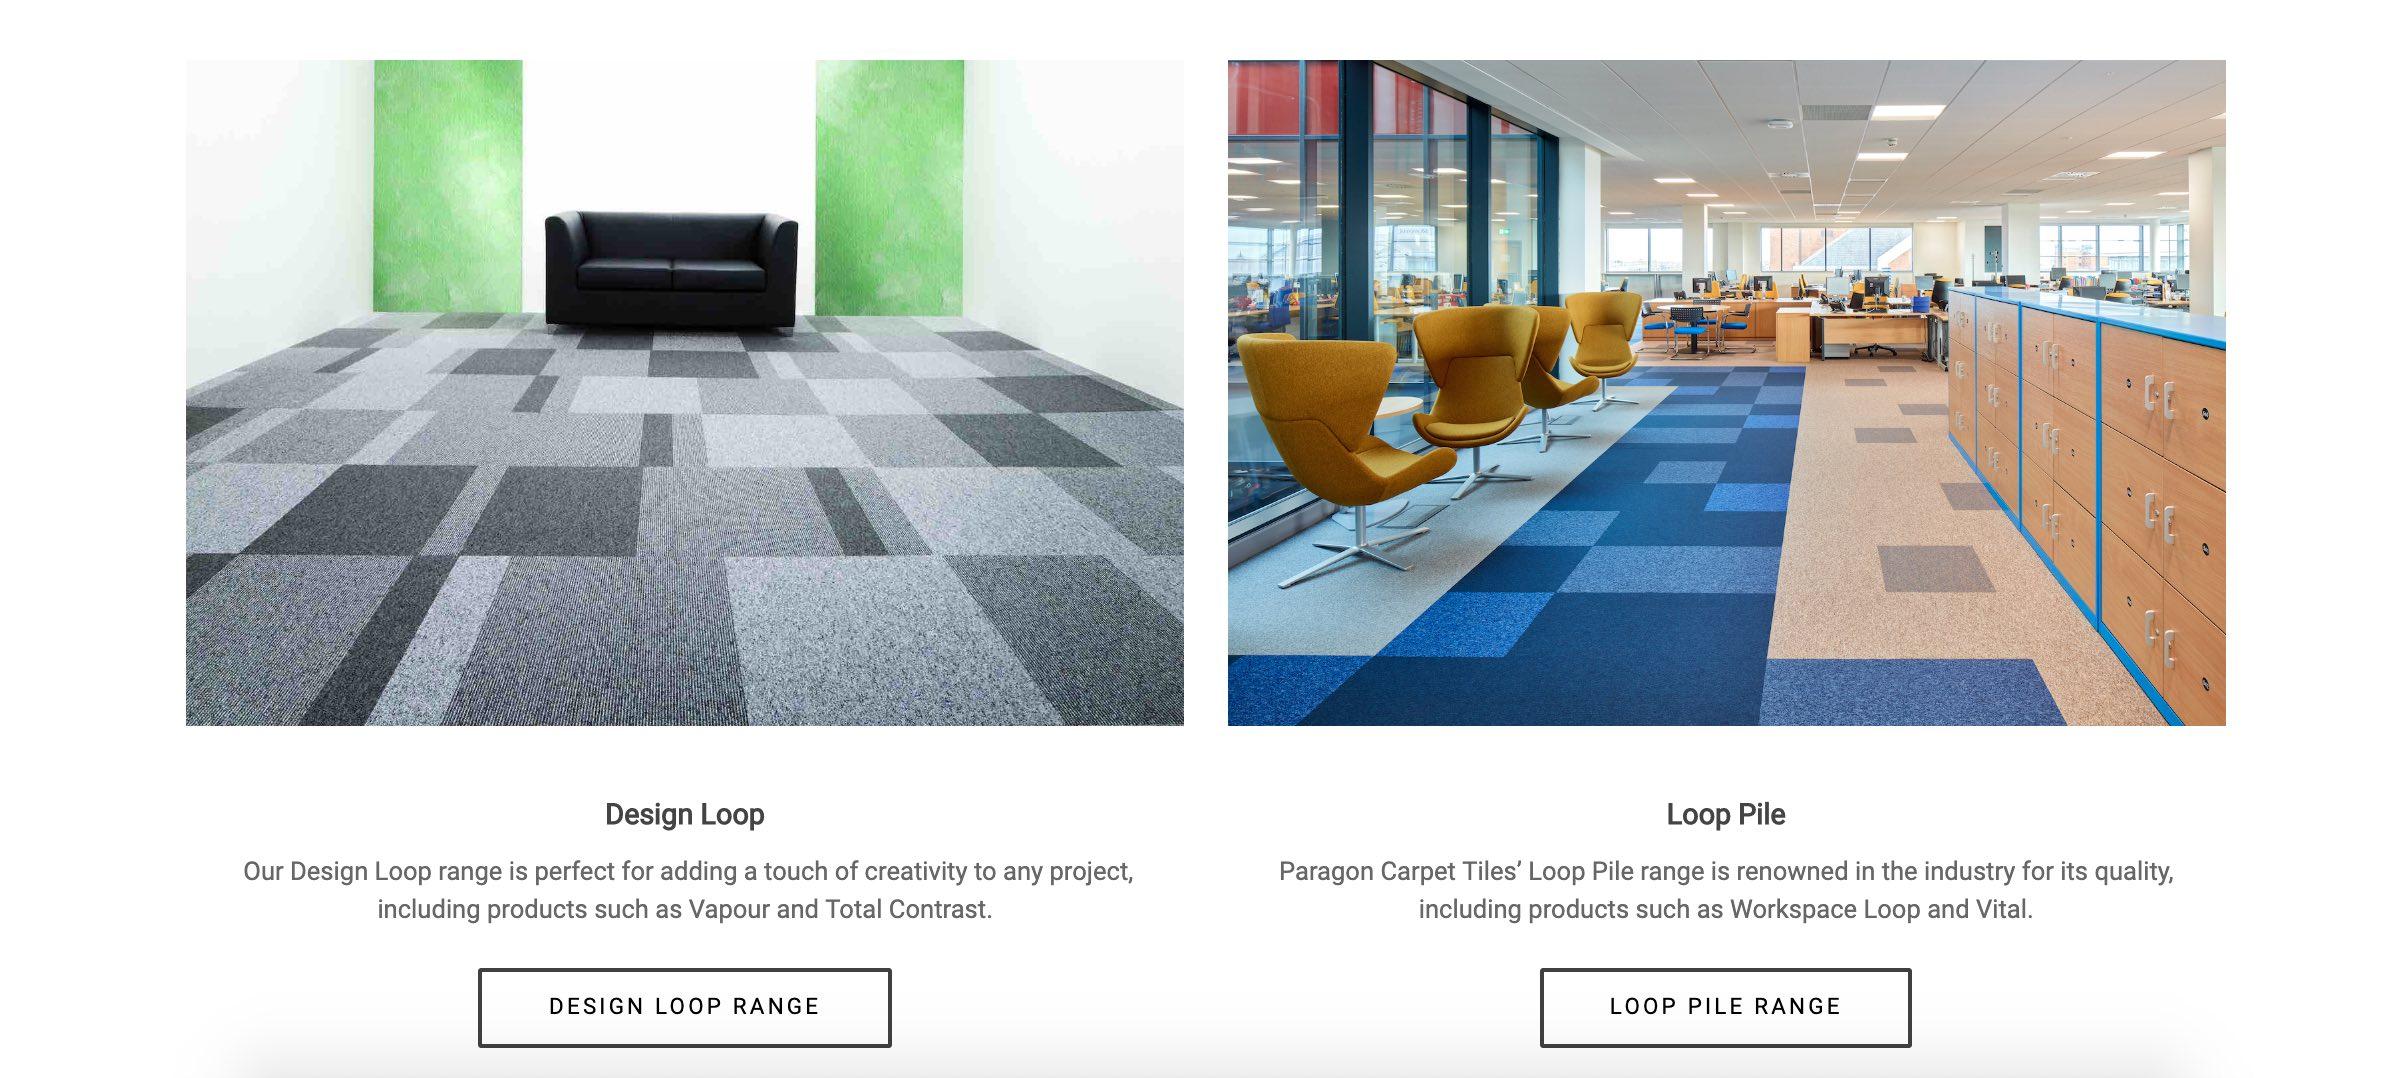 Paragon Carpet Tiles | Commercial Carpet Tiles | A New Look Website